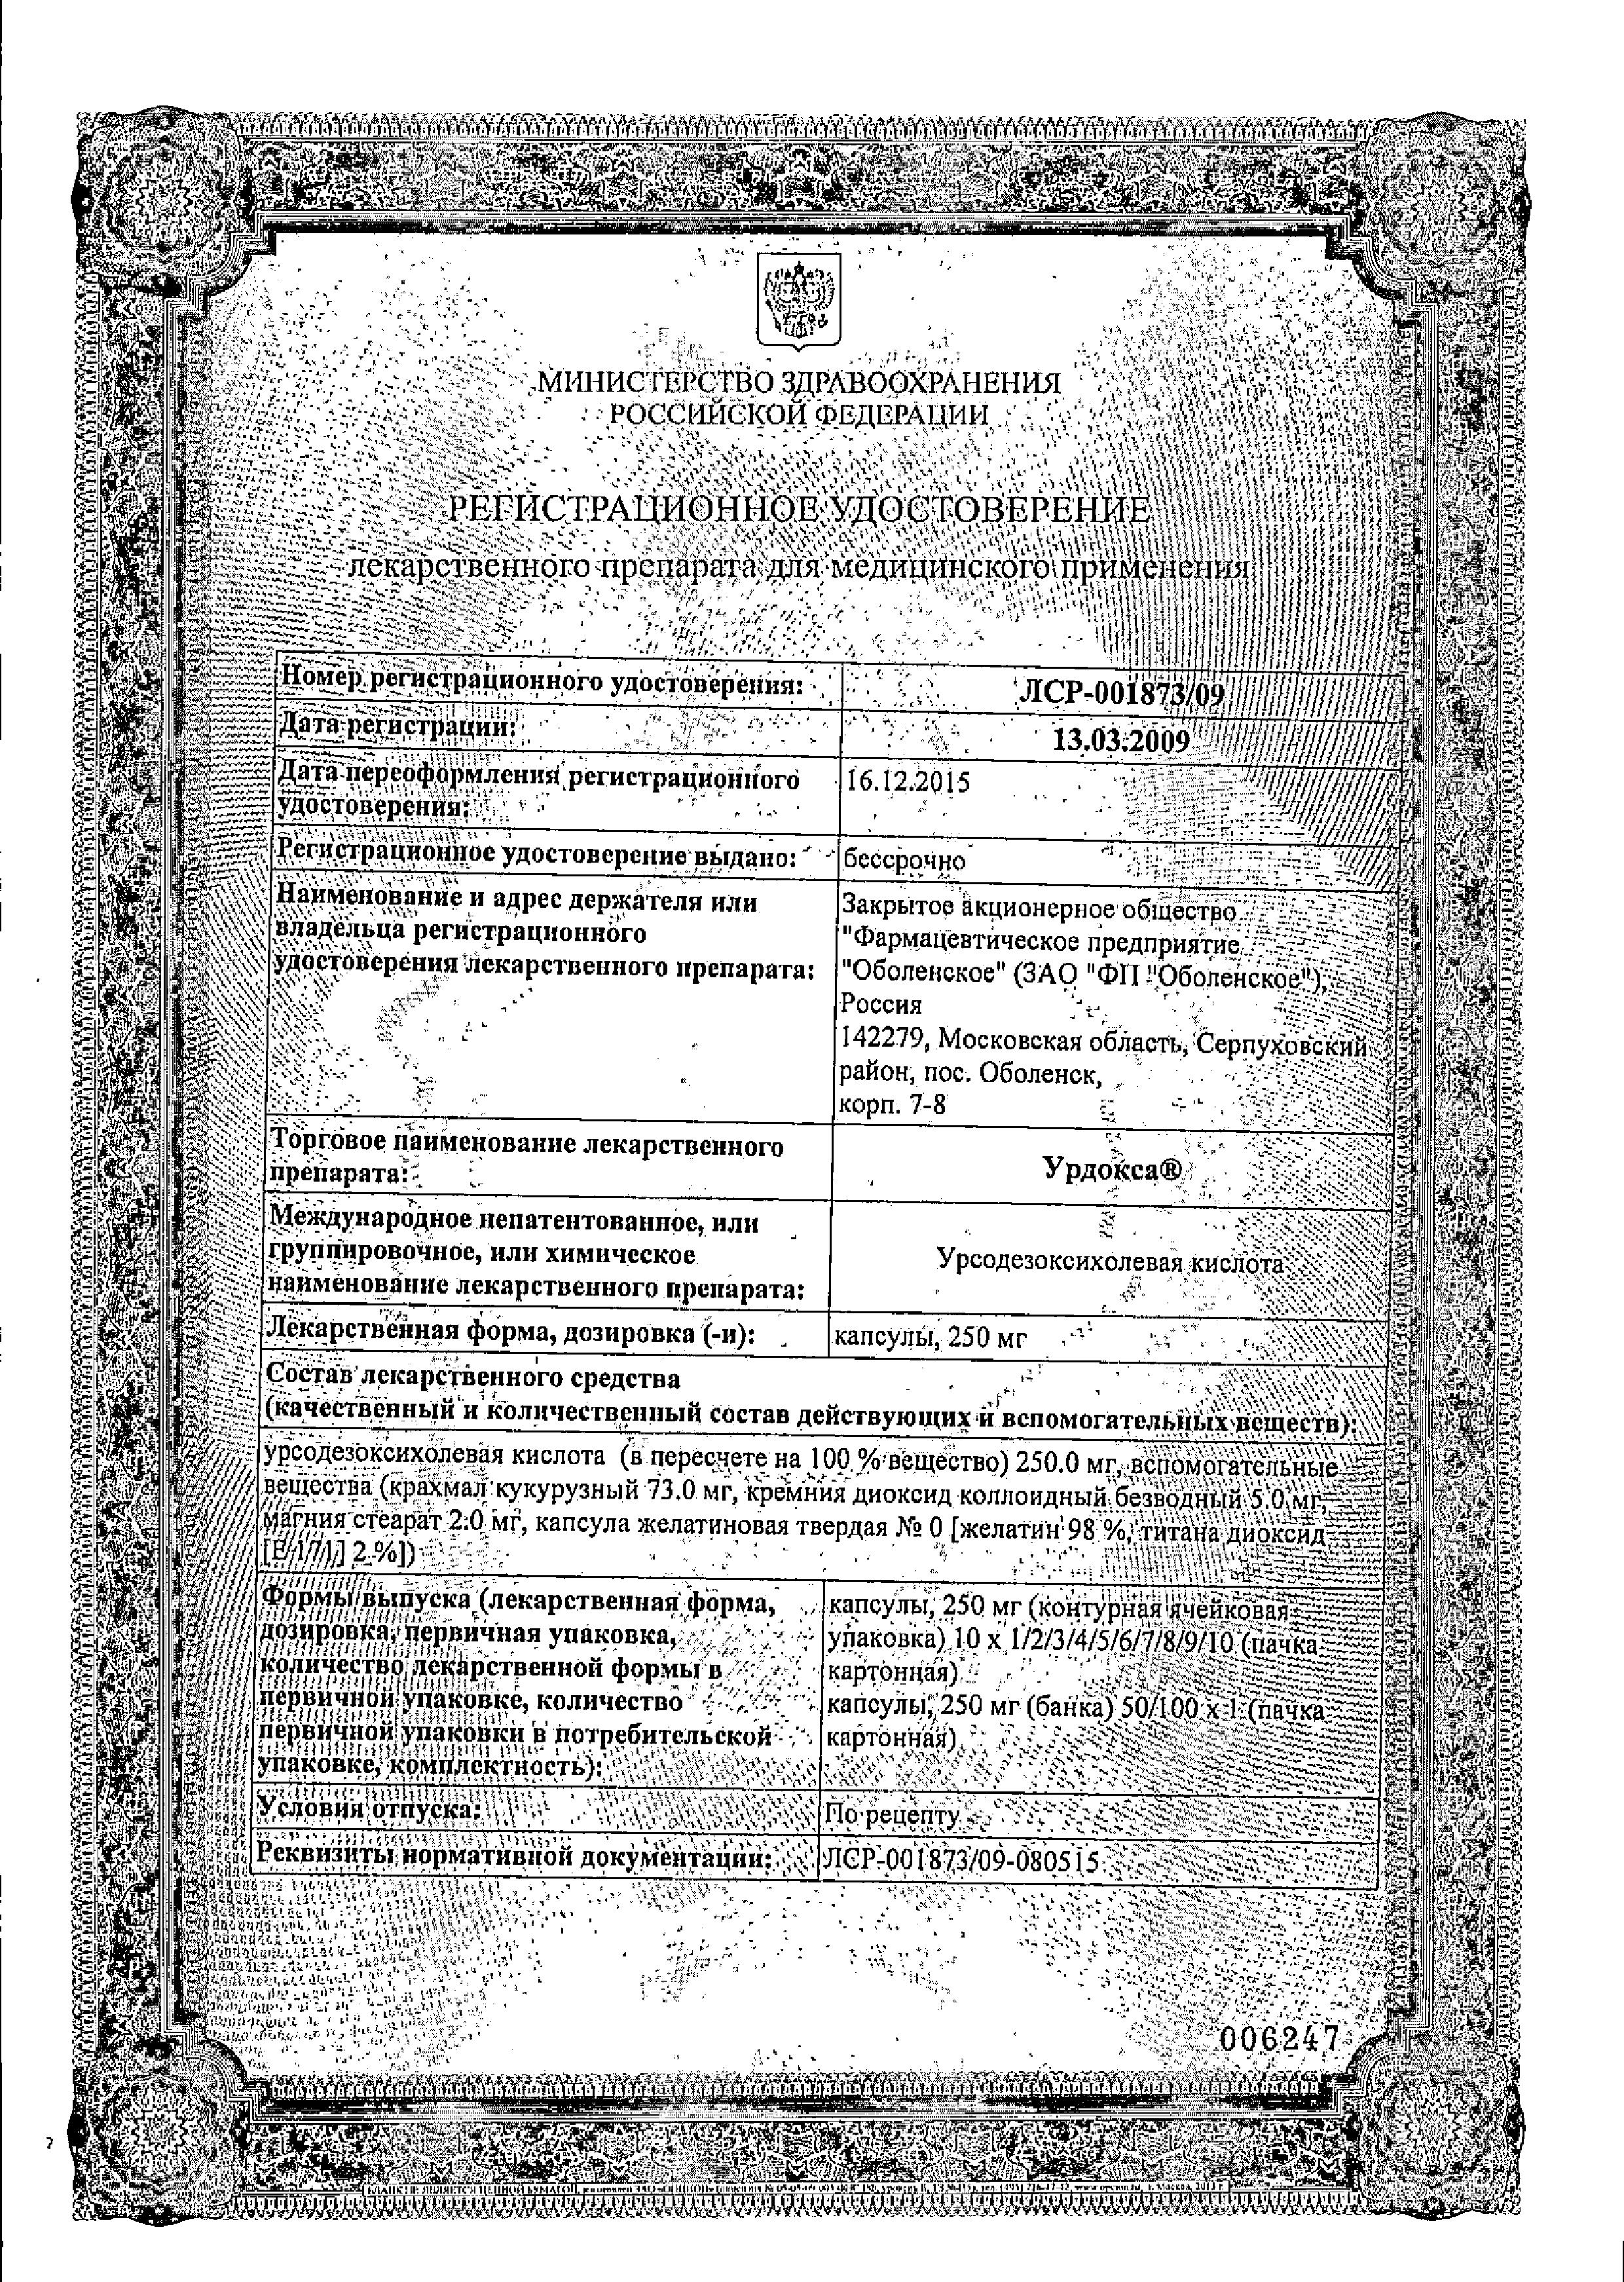 Урдокса сертификат